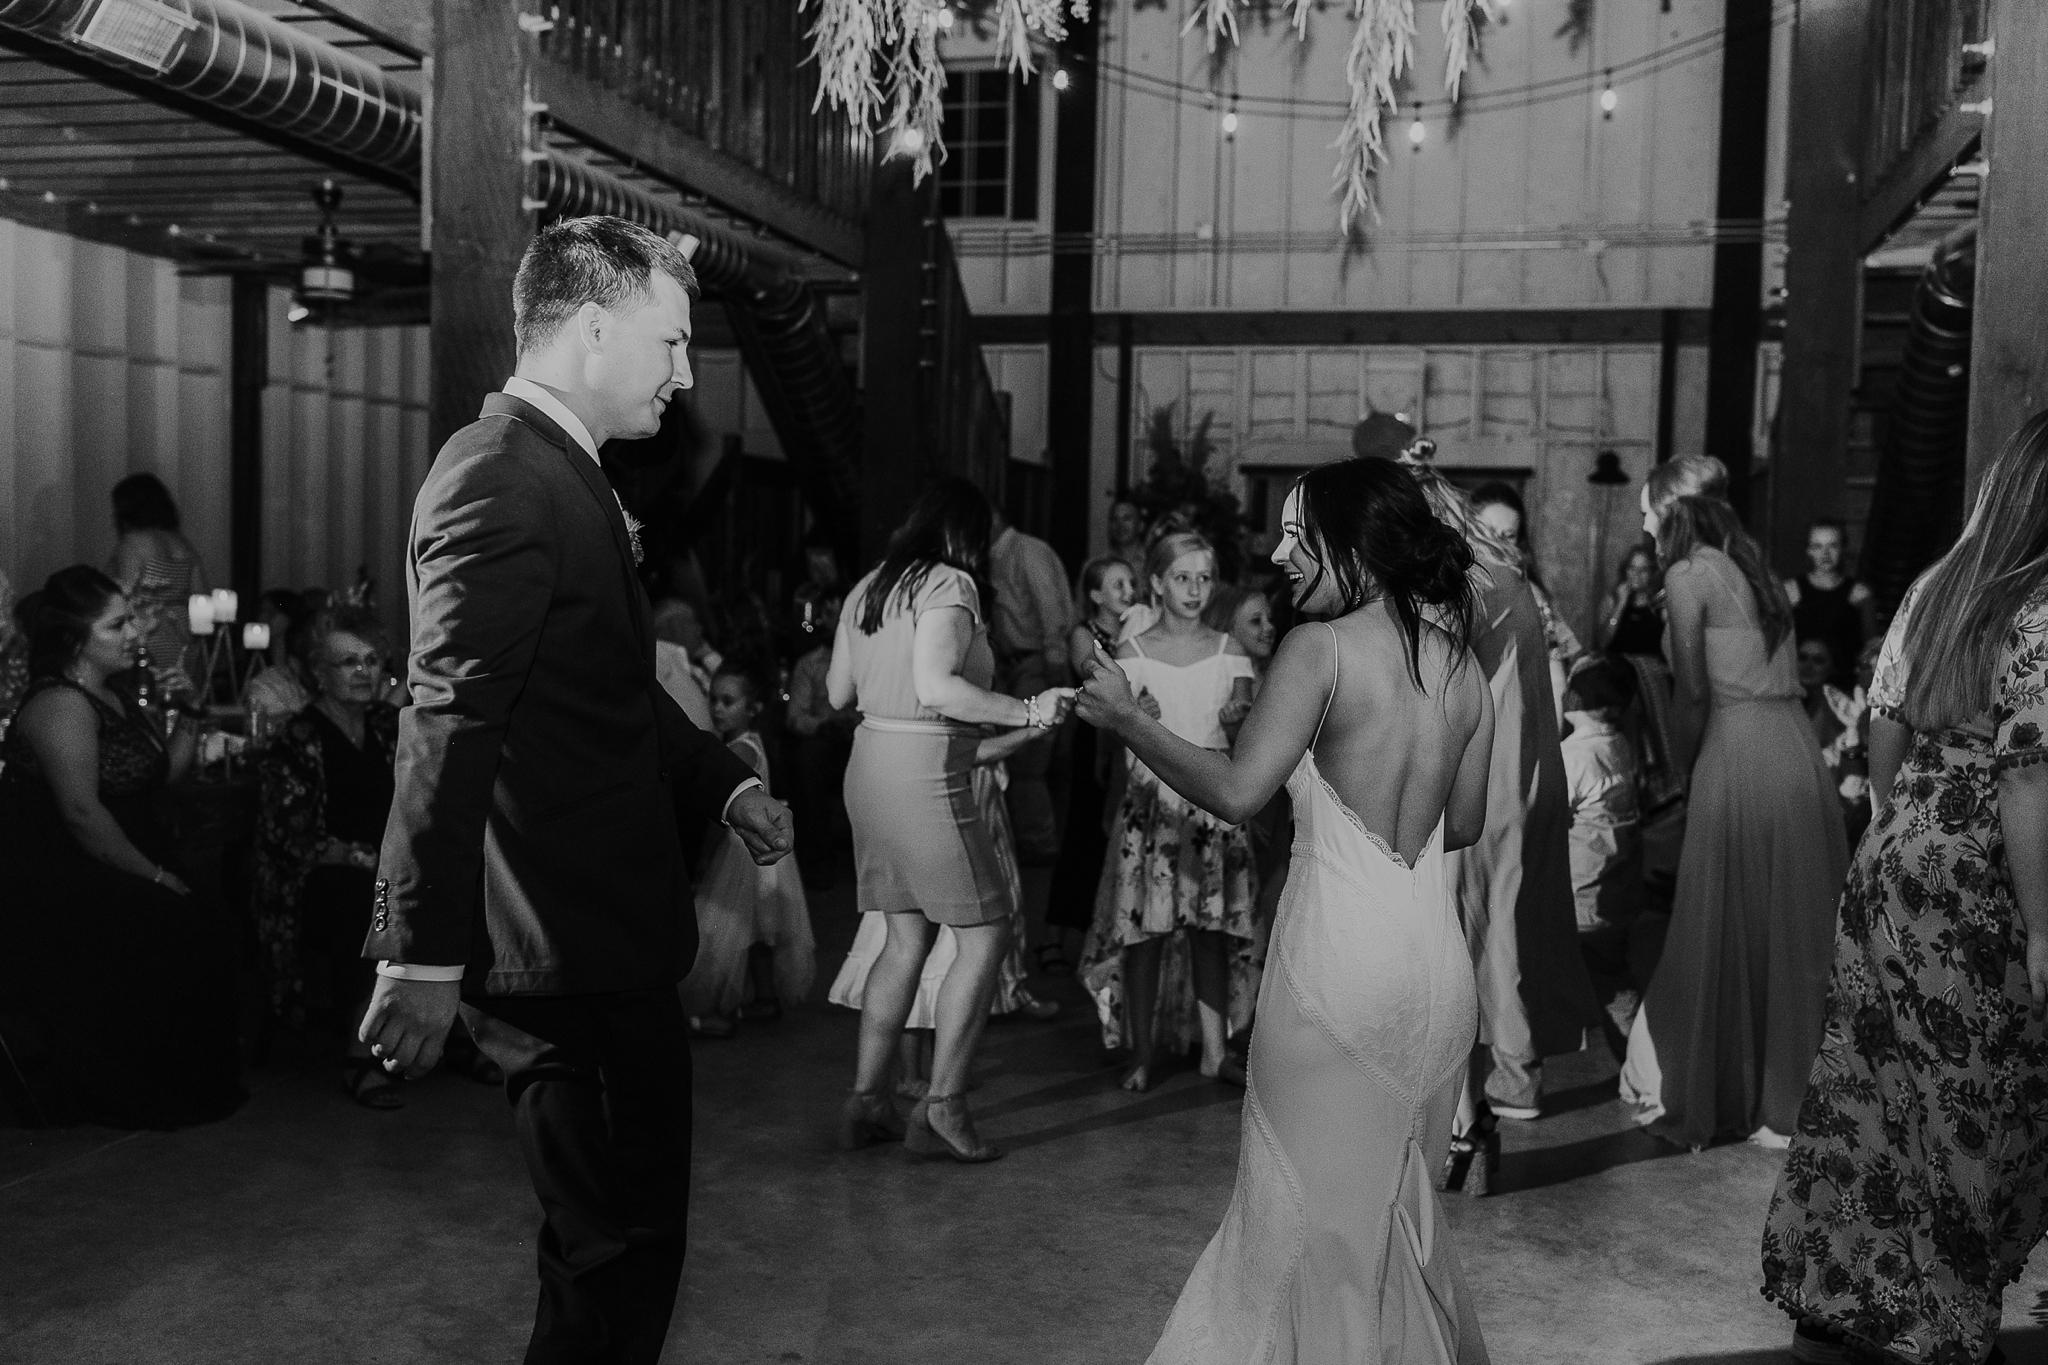 Alicia+lucia+photography+-+albuquerque+wedding+photographer+-+santa+fe+wedding+photography+-+new+mexico+wedding+photographer+-+new+mexico+wedding+-+new+mexico+wedding+-+barn+wedding+-+enchanted+vine+barn+wedding+-+ruidoso+wedding_0174.jpg